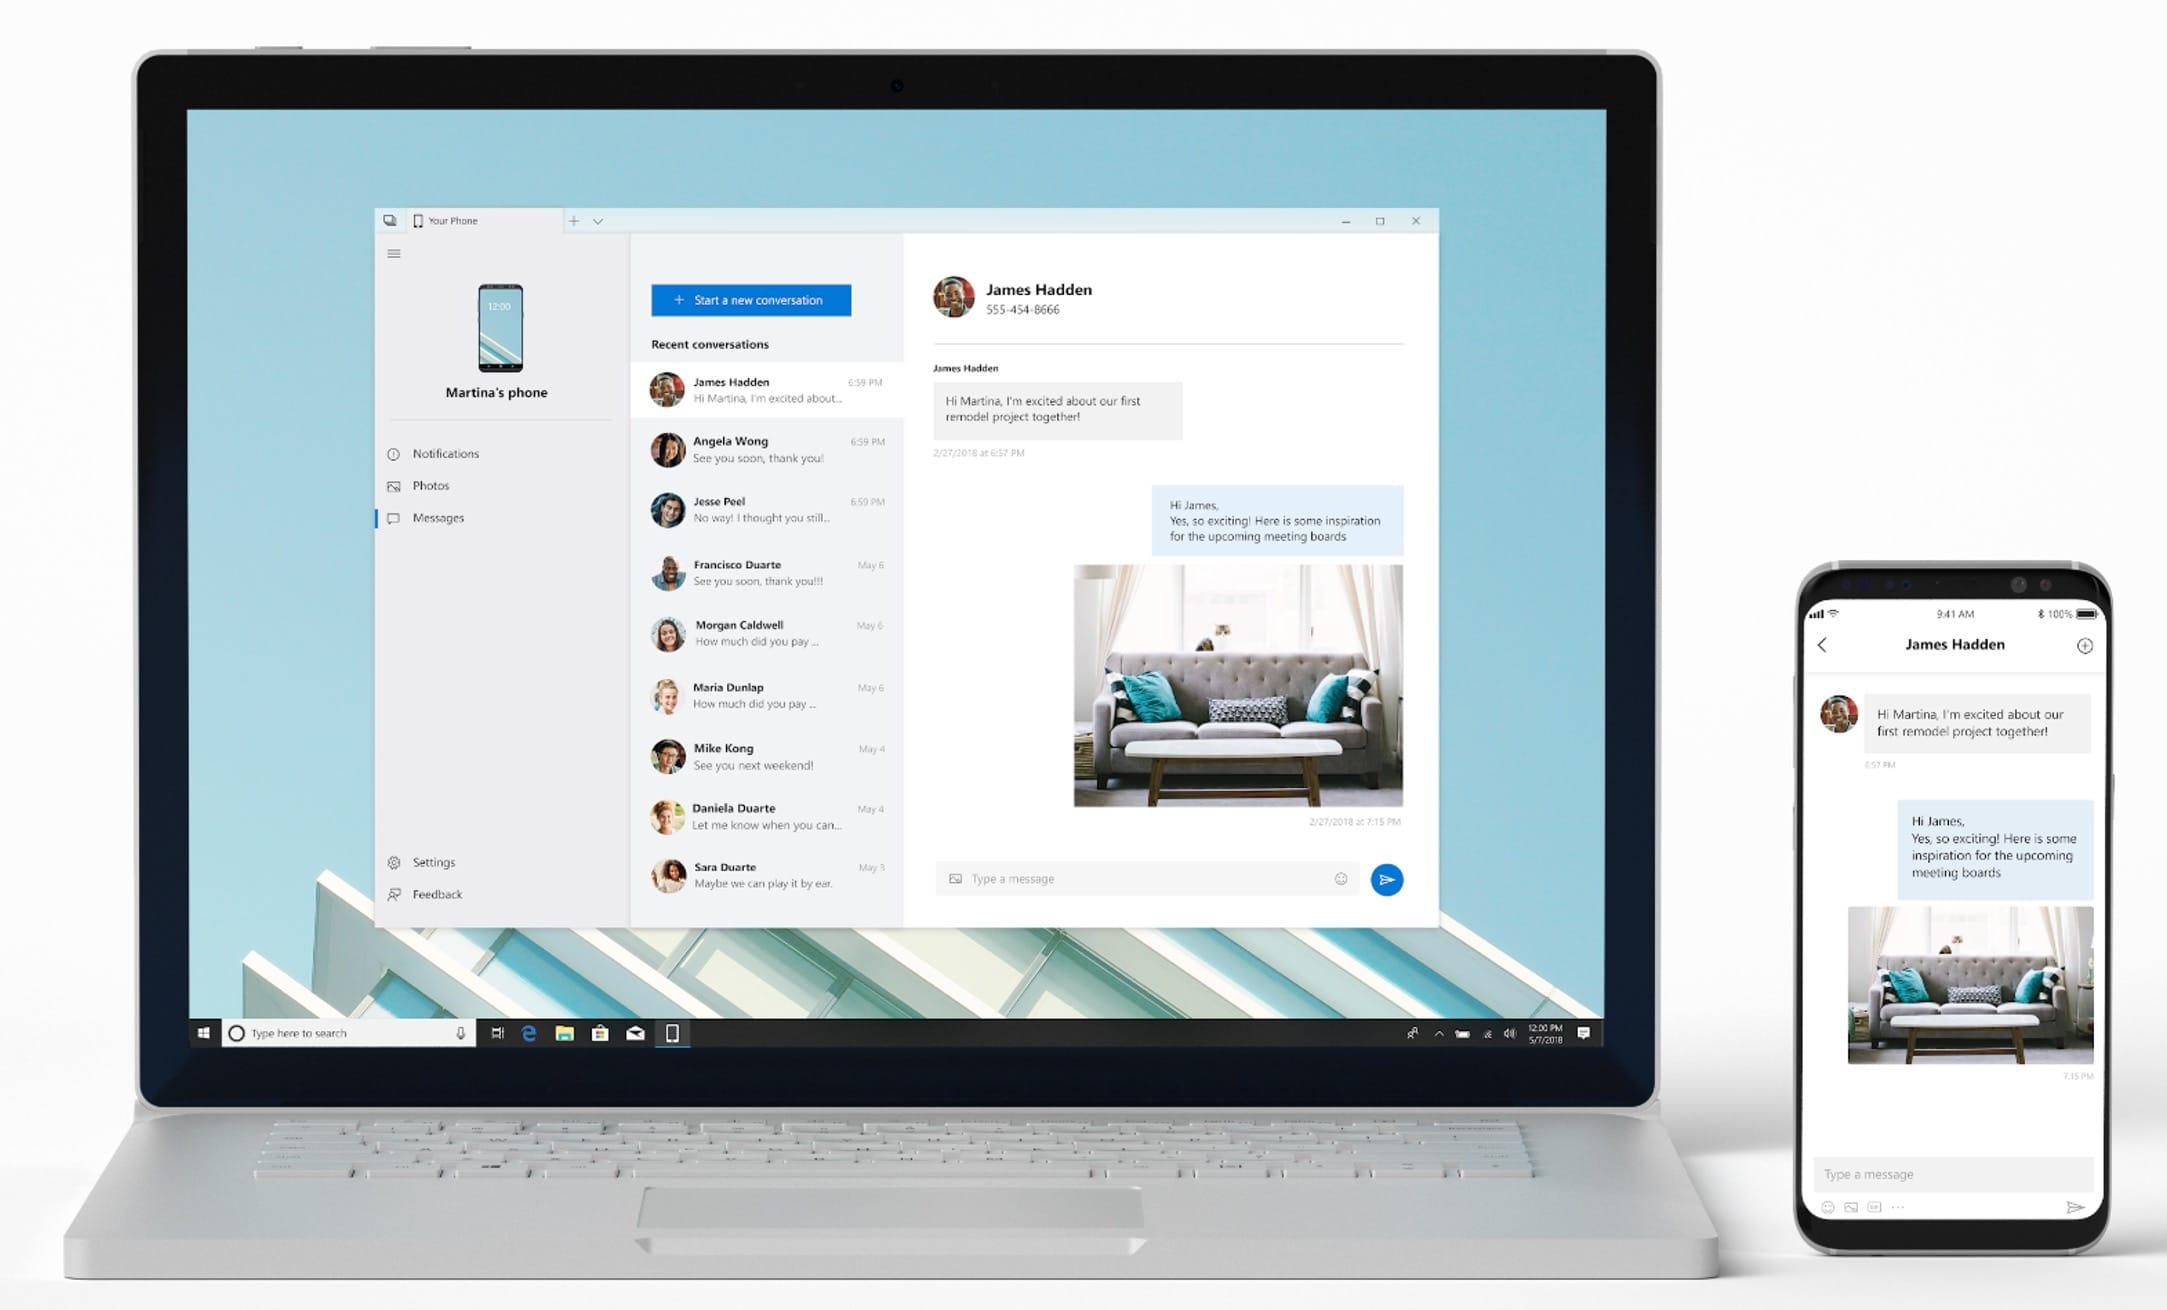 Юзеры Windows 10 могут получать и посылать SMS через андроид